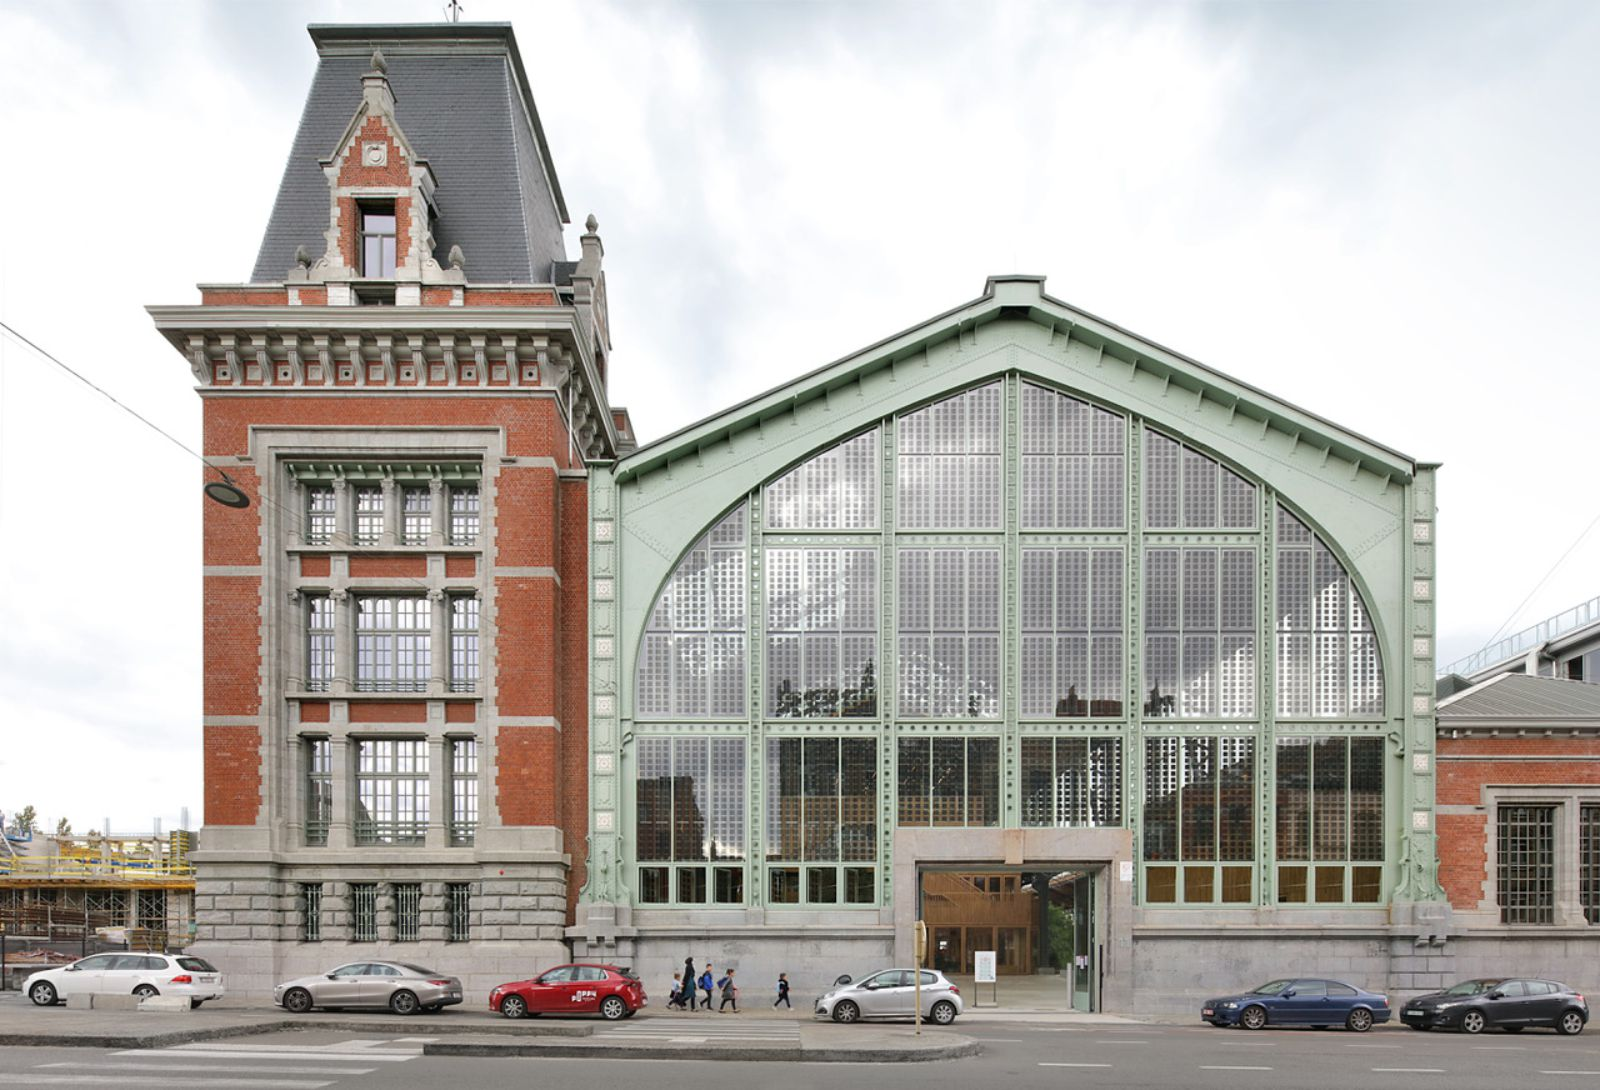 Gare Maritime by Neutelings Riedijk Architects